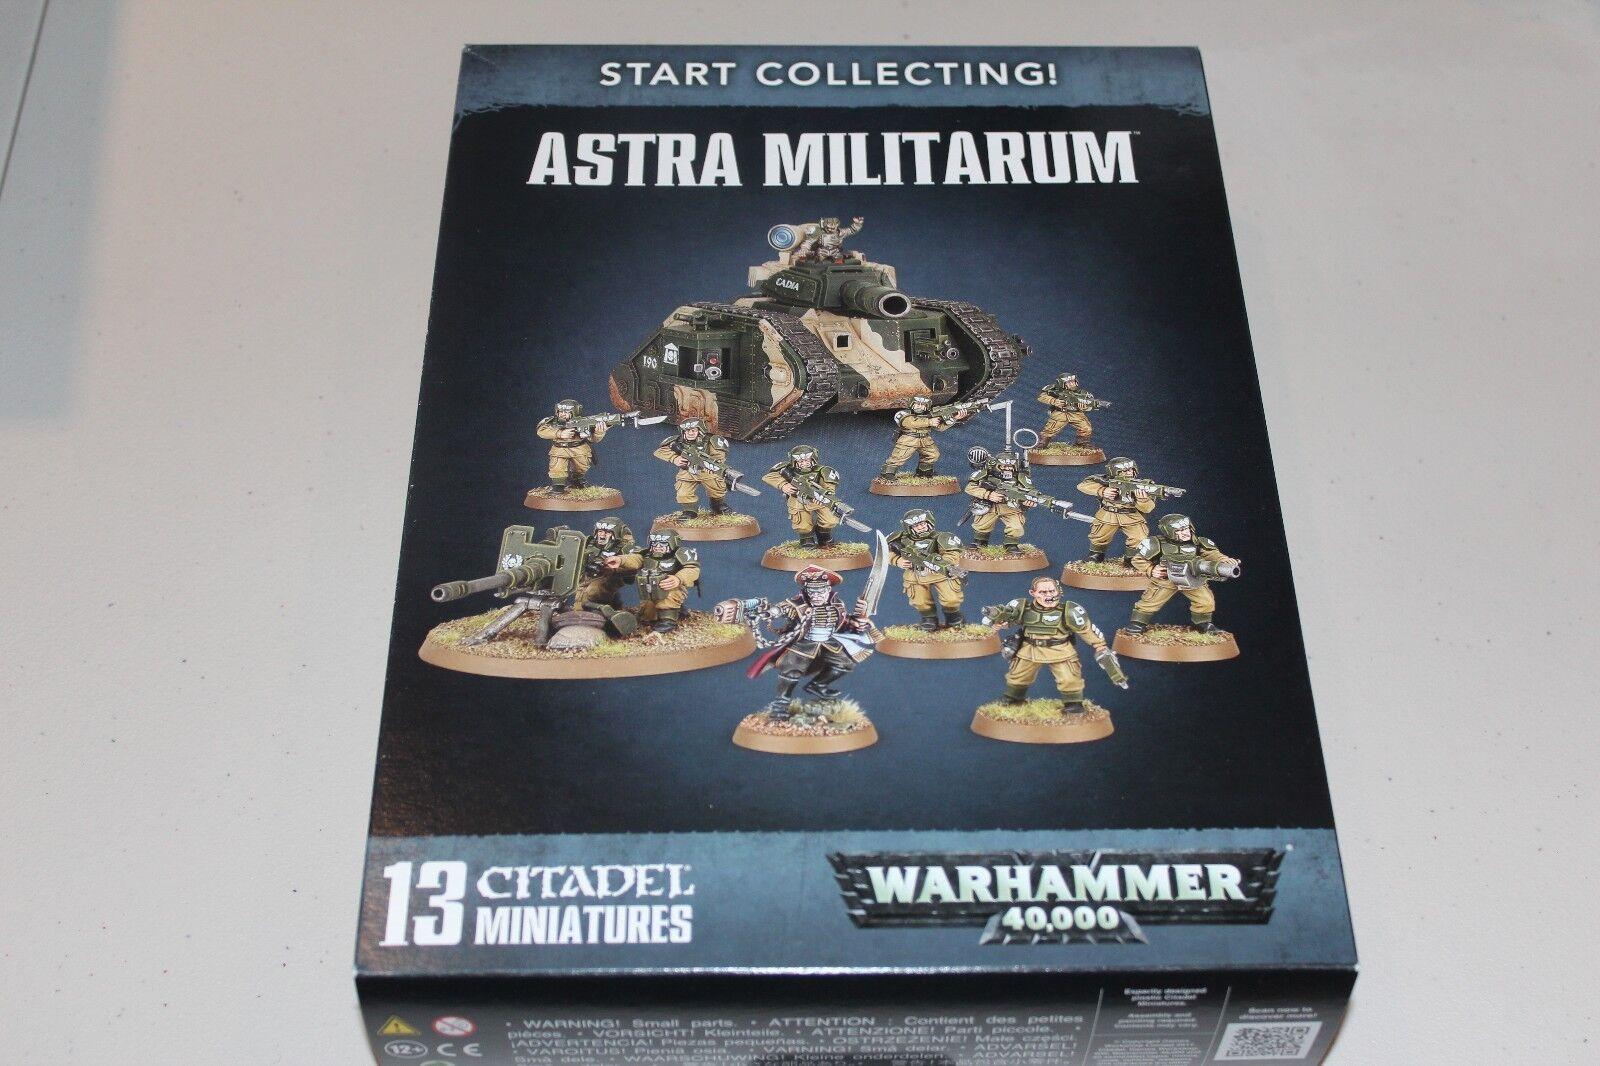 Warhammer imperialen garde astra millitarum sammeln neue